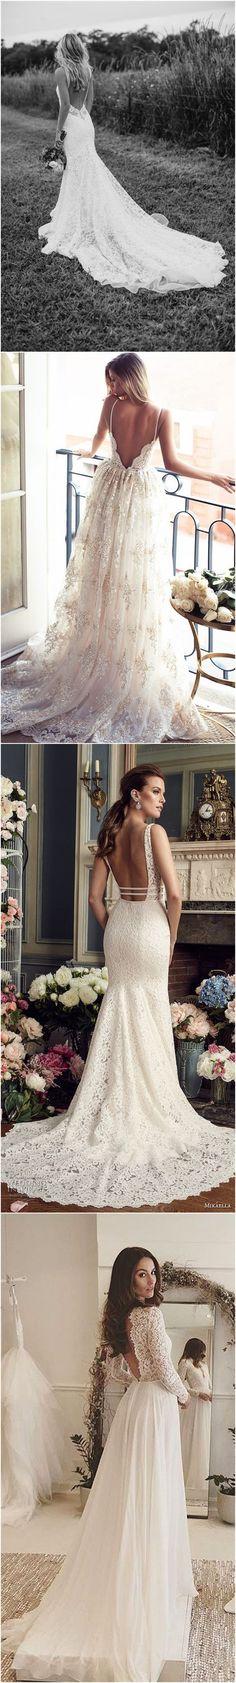 34 Stunning Open Back Wedding Dresses That Wow Open Back Wedding Dress, Backless Wedding, Perfect Wedding, Dream Wedding, Wedding Styles, Wedding Photos, Wedding Goals, Mode Style, Dream Dress